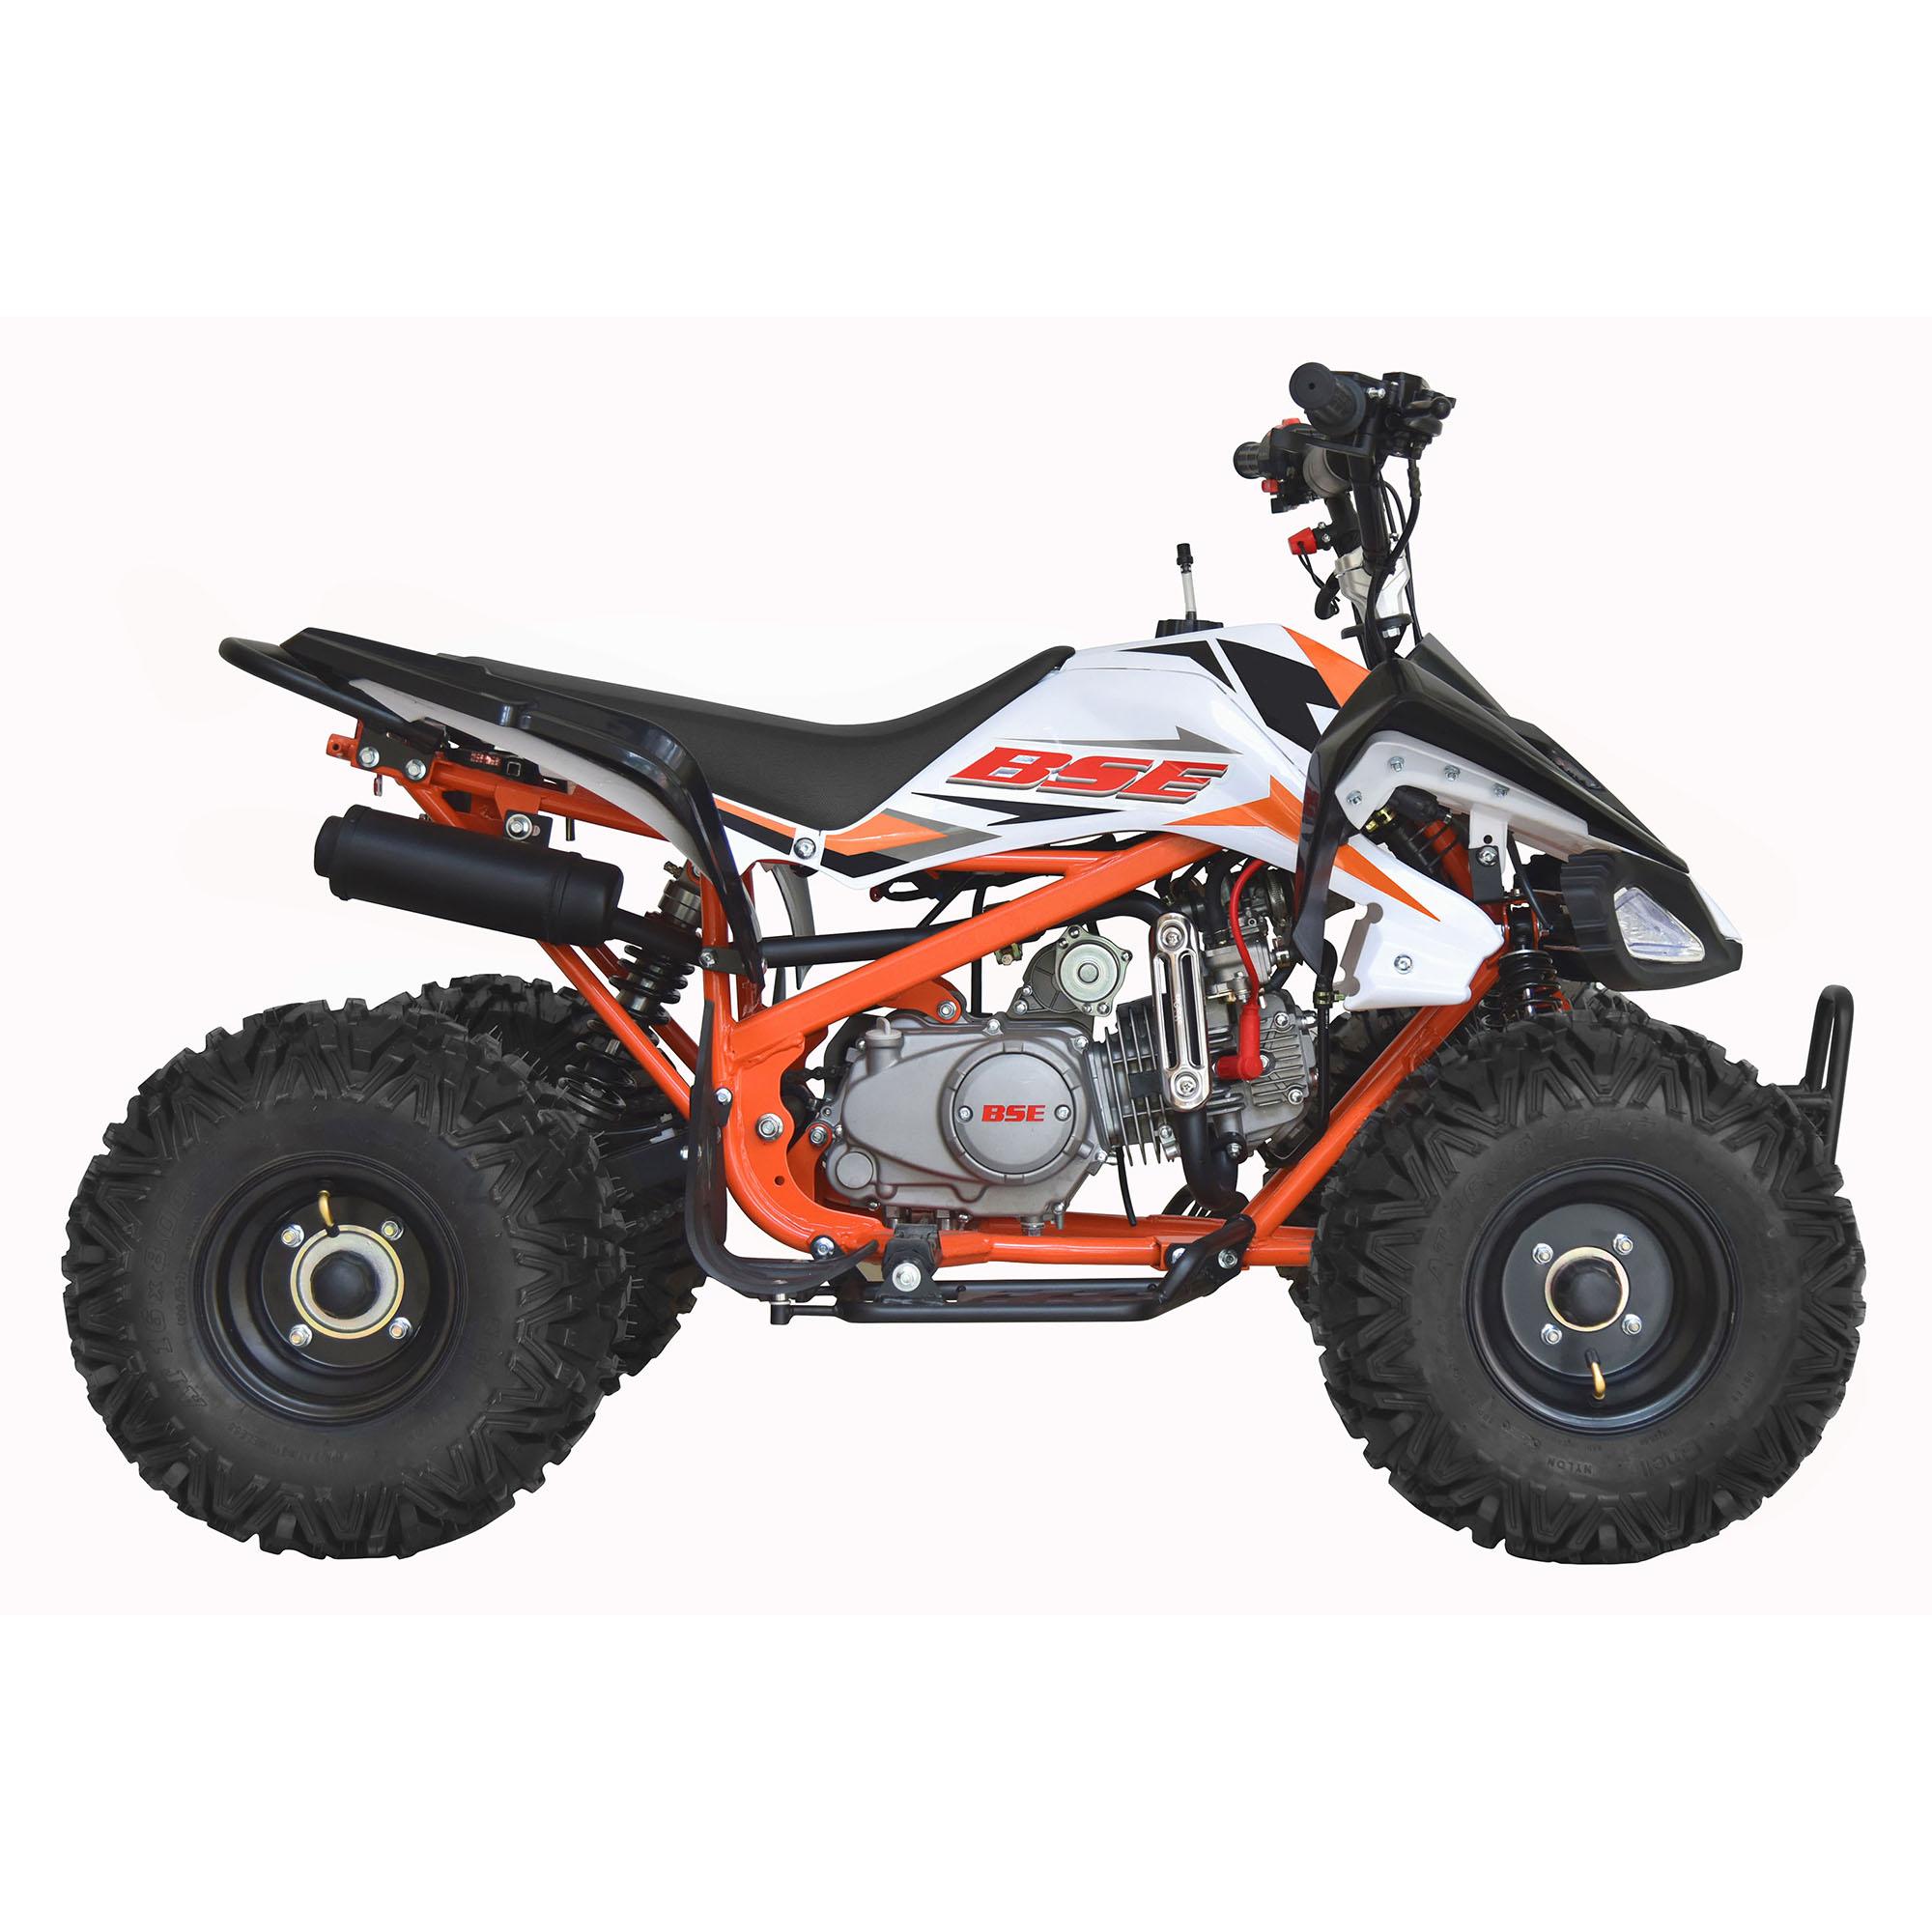 BOSUER ATV SA110 110cc